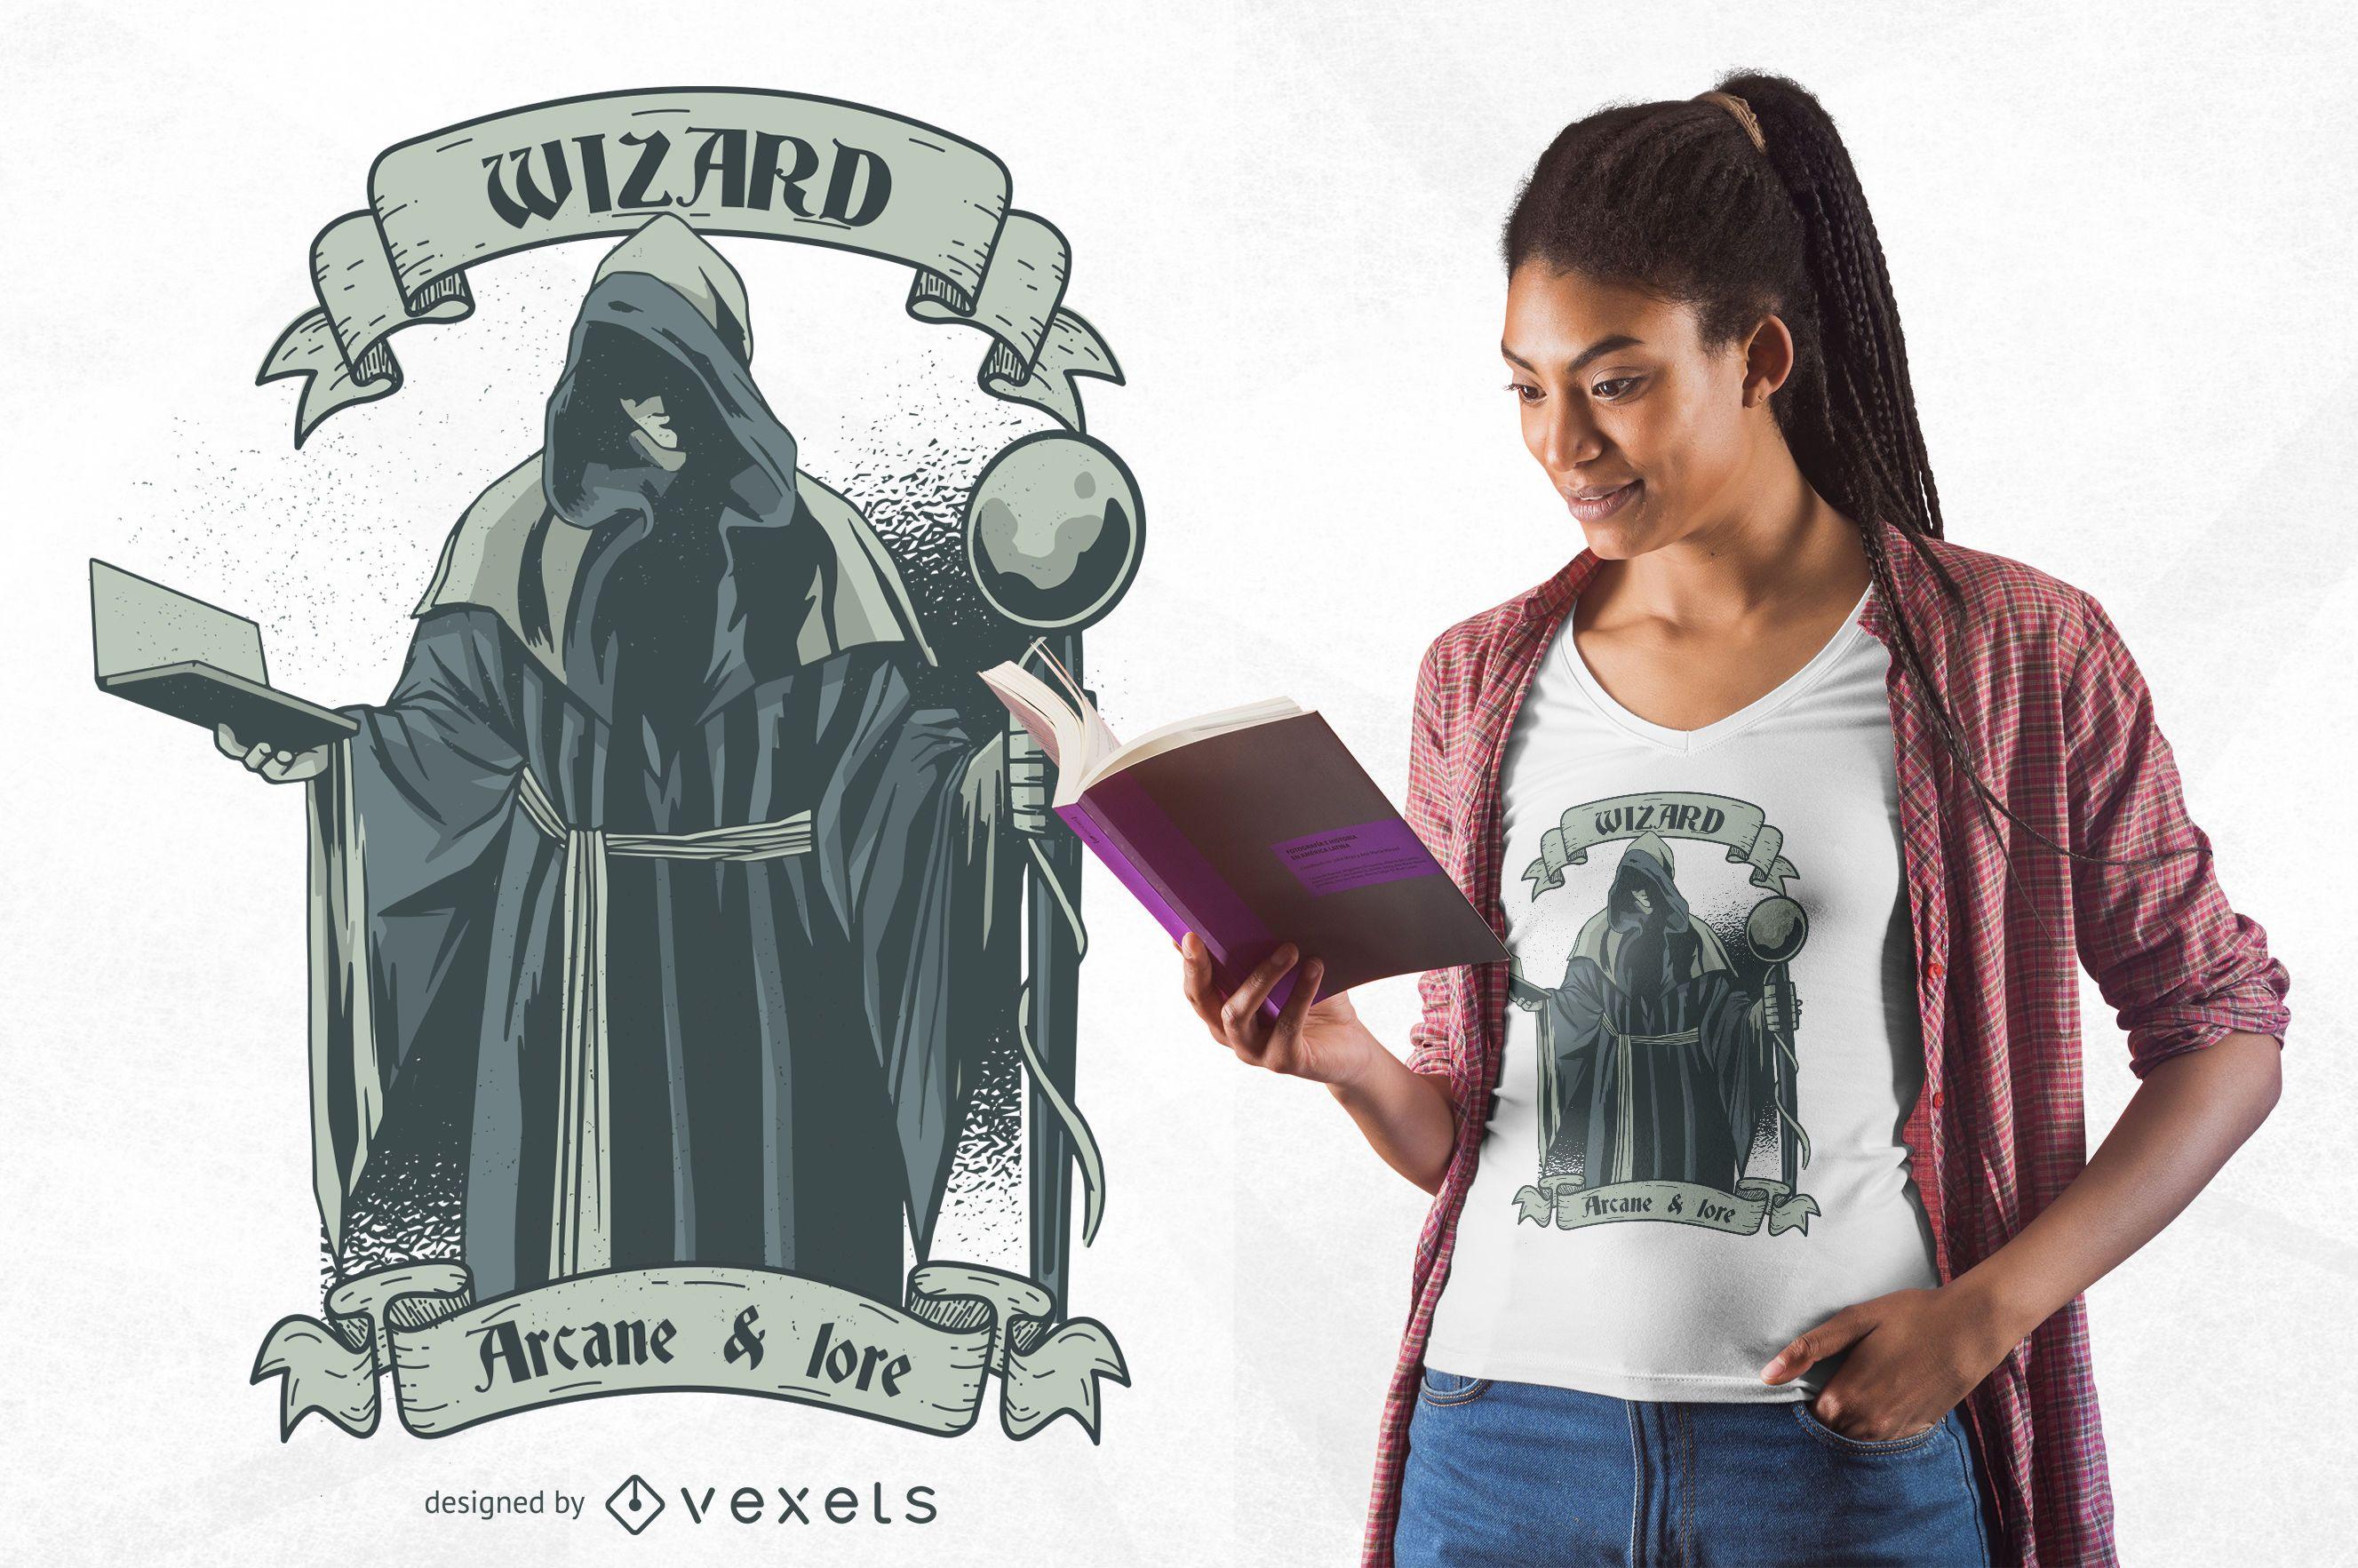 Wizard t-shirt design